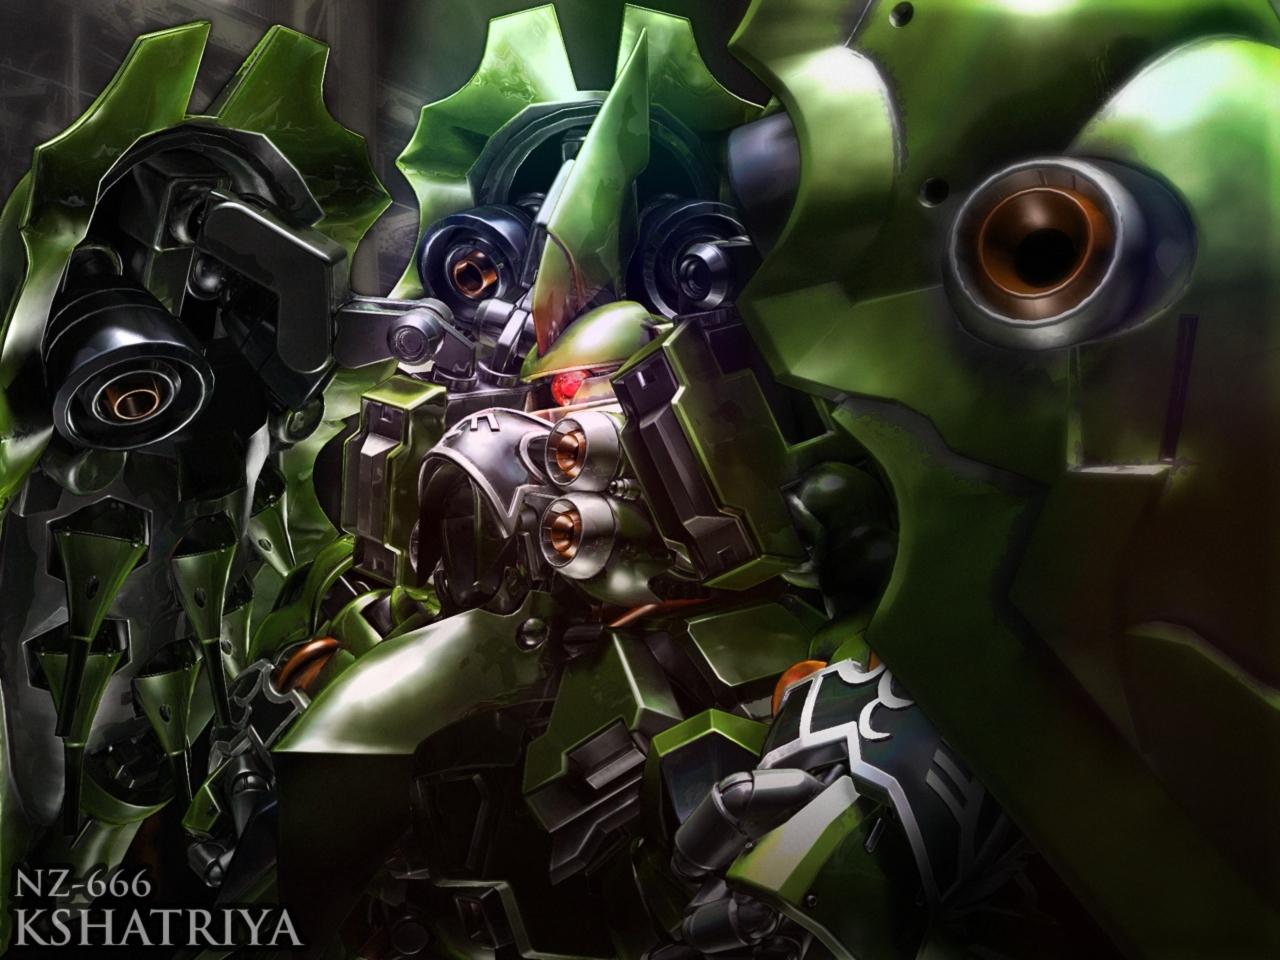 机动战士高达uc 第七话 虹之彼方 Mobile Suit Gundam Unicorn 7 动漫图片 图片下载 动漫壁纸 Verycd电驴大全